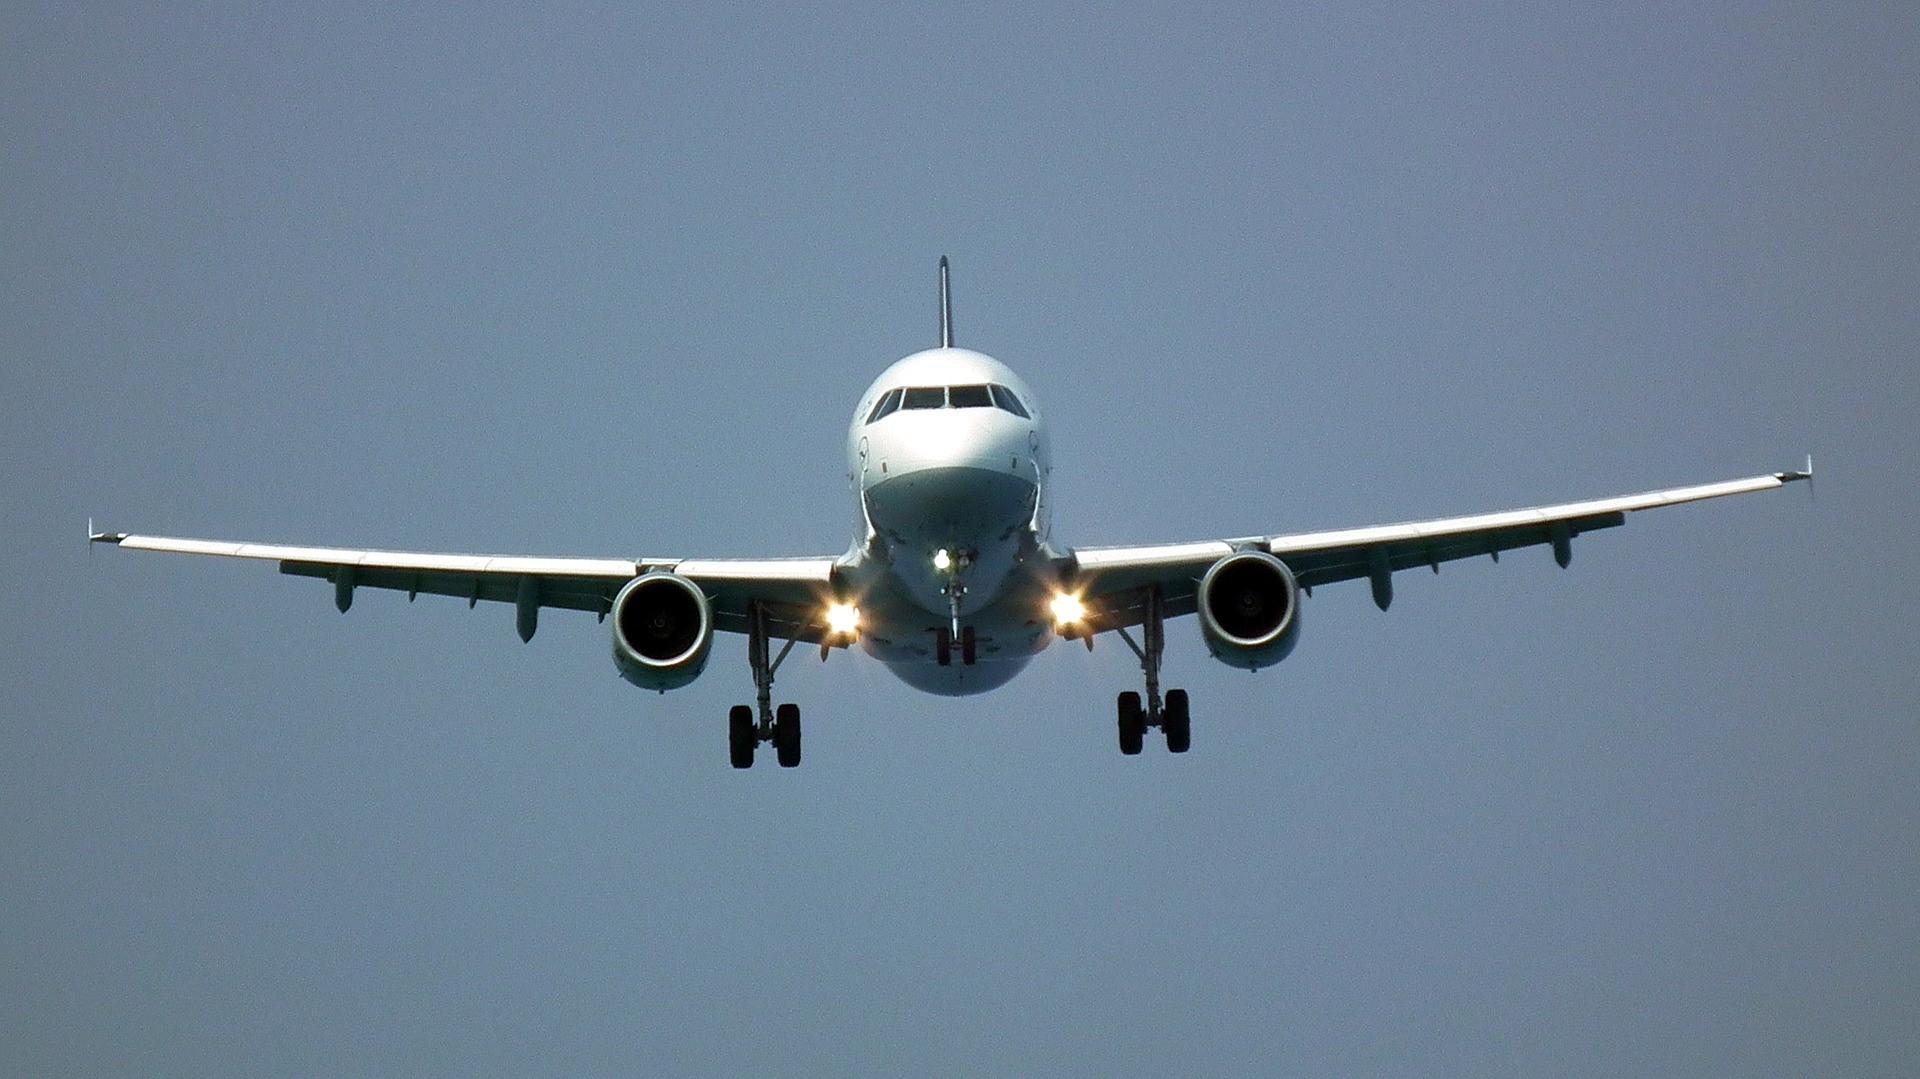 Marknaderna kan nå sin högsta rädsla för flygindustrins oro, och flygbolagens sentiment har potential att förbättras, särskilt på väg in i de hektiska semestermånaderna. Investerare kan ta del av detta med en riktad börshandlad fond eftersom flygbolagsfonderna kan vinna höjd.